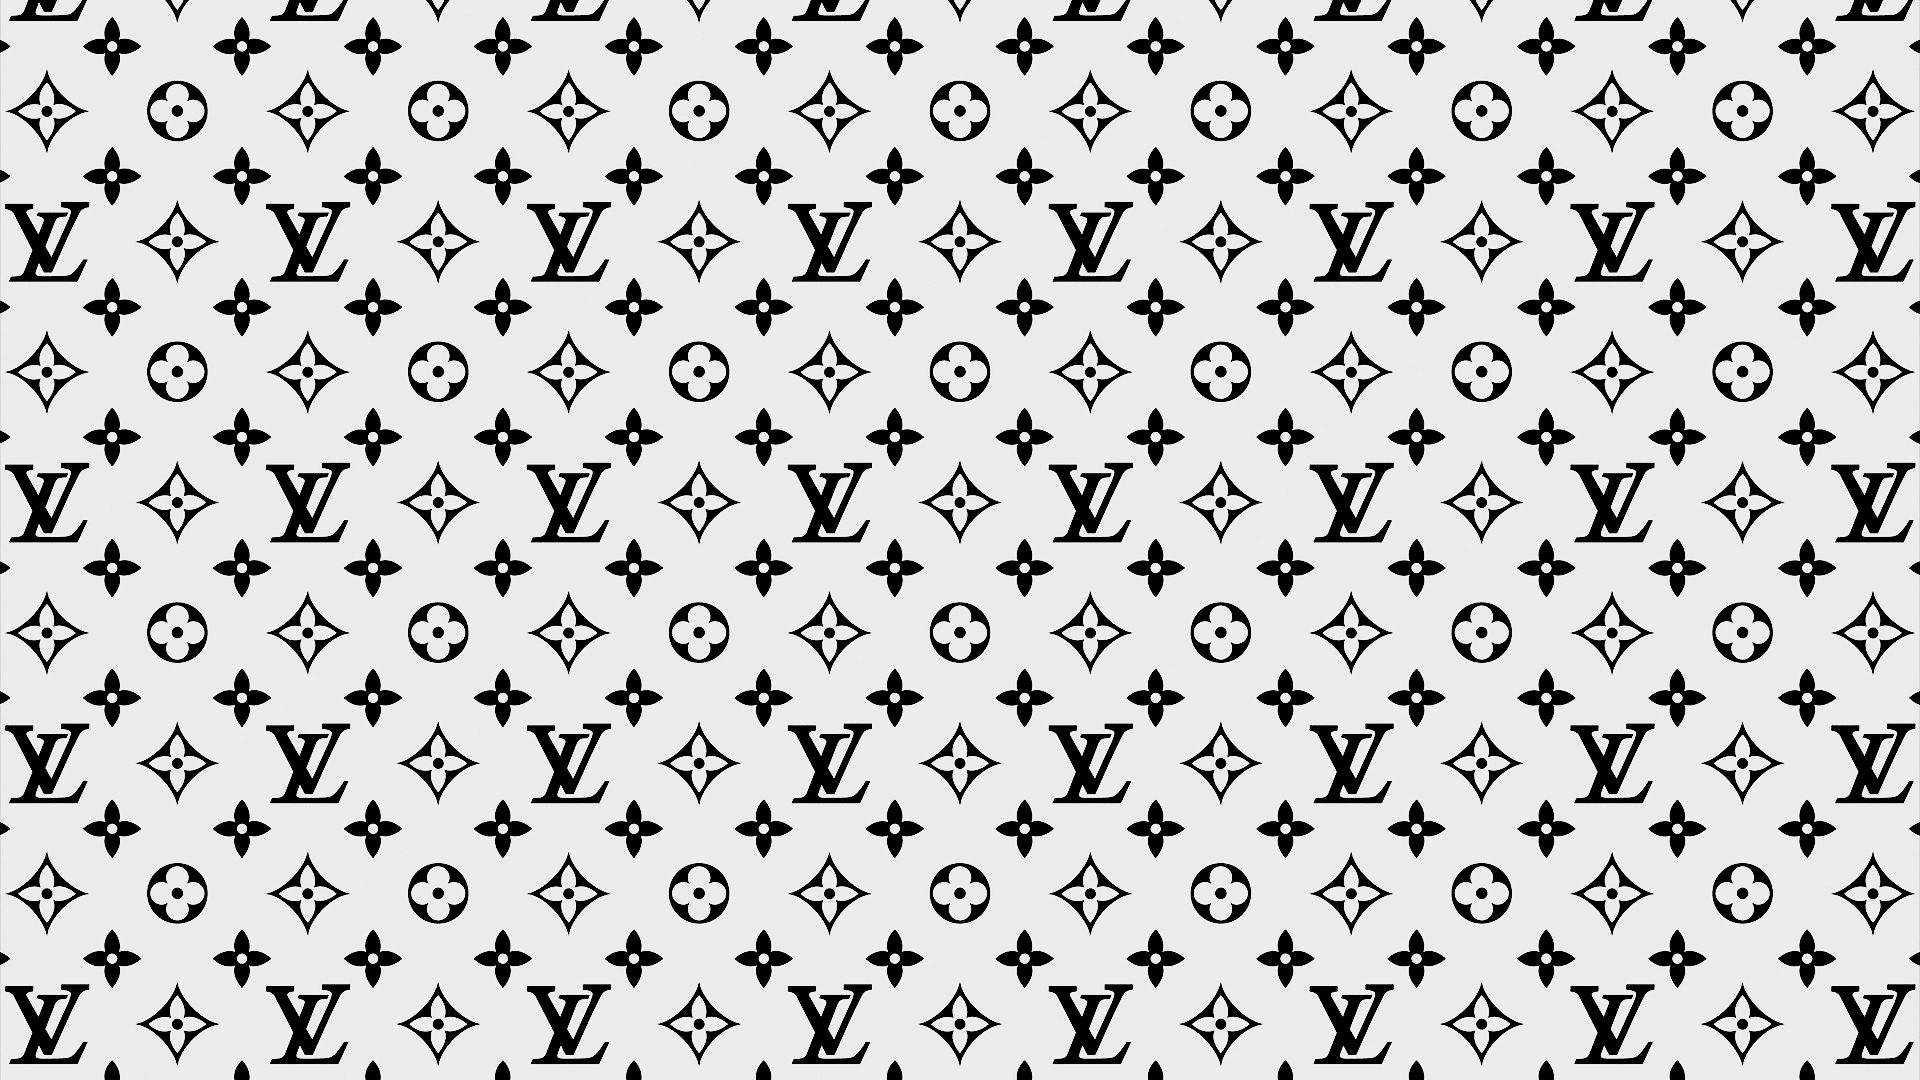 Louis vuitton wallpaper hd 1080p